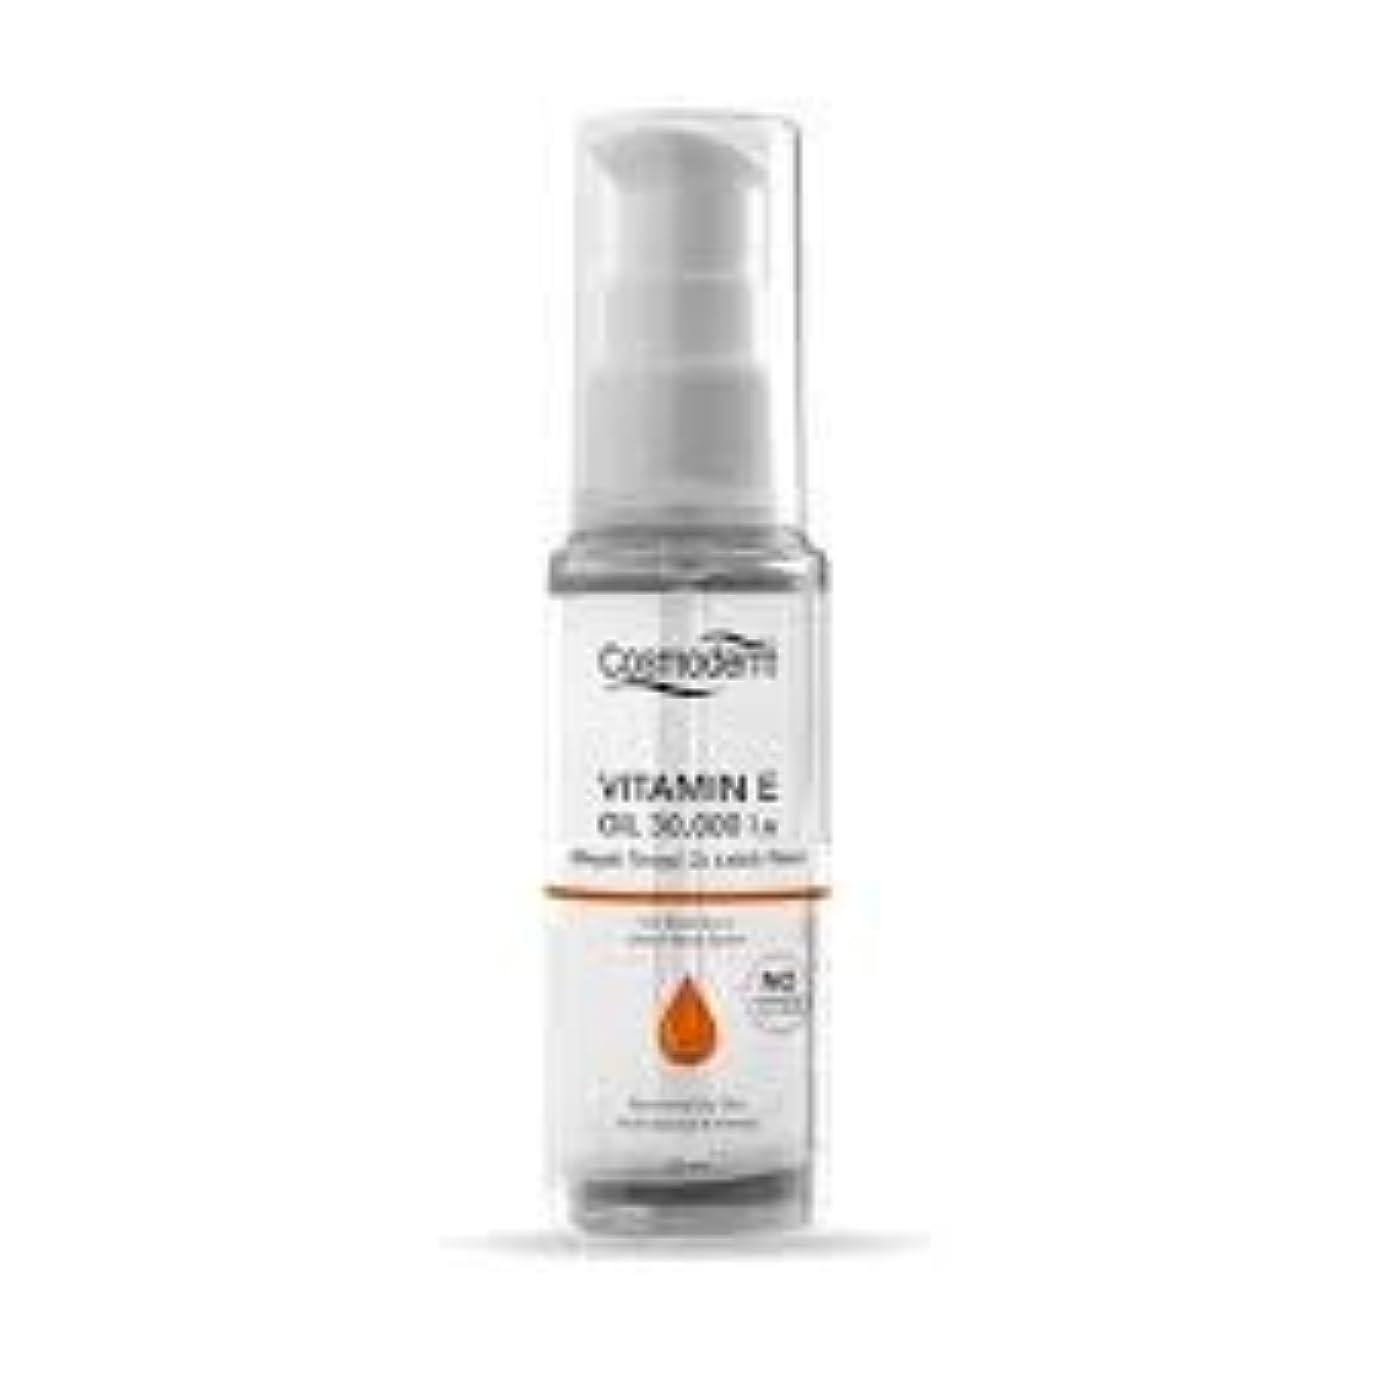 アセジャーナル陰謀COSMODERM ビタミンEオイル30,000iu 30ml - 顔や体のストレッチマーク、手術痕または事故による傷の見えにくさを軽減